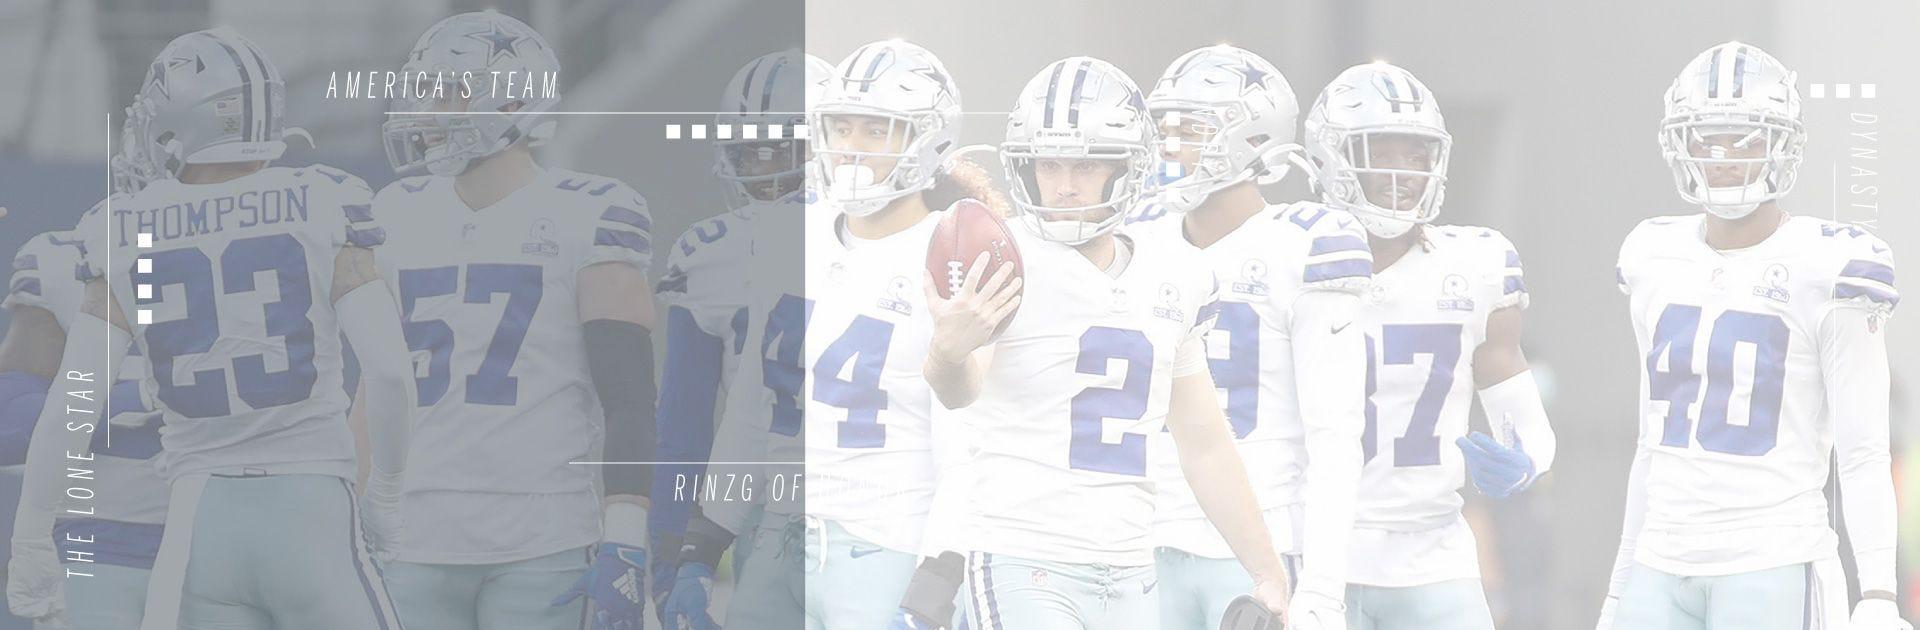 Wilson NFL Cowboys Fan Shop